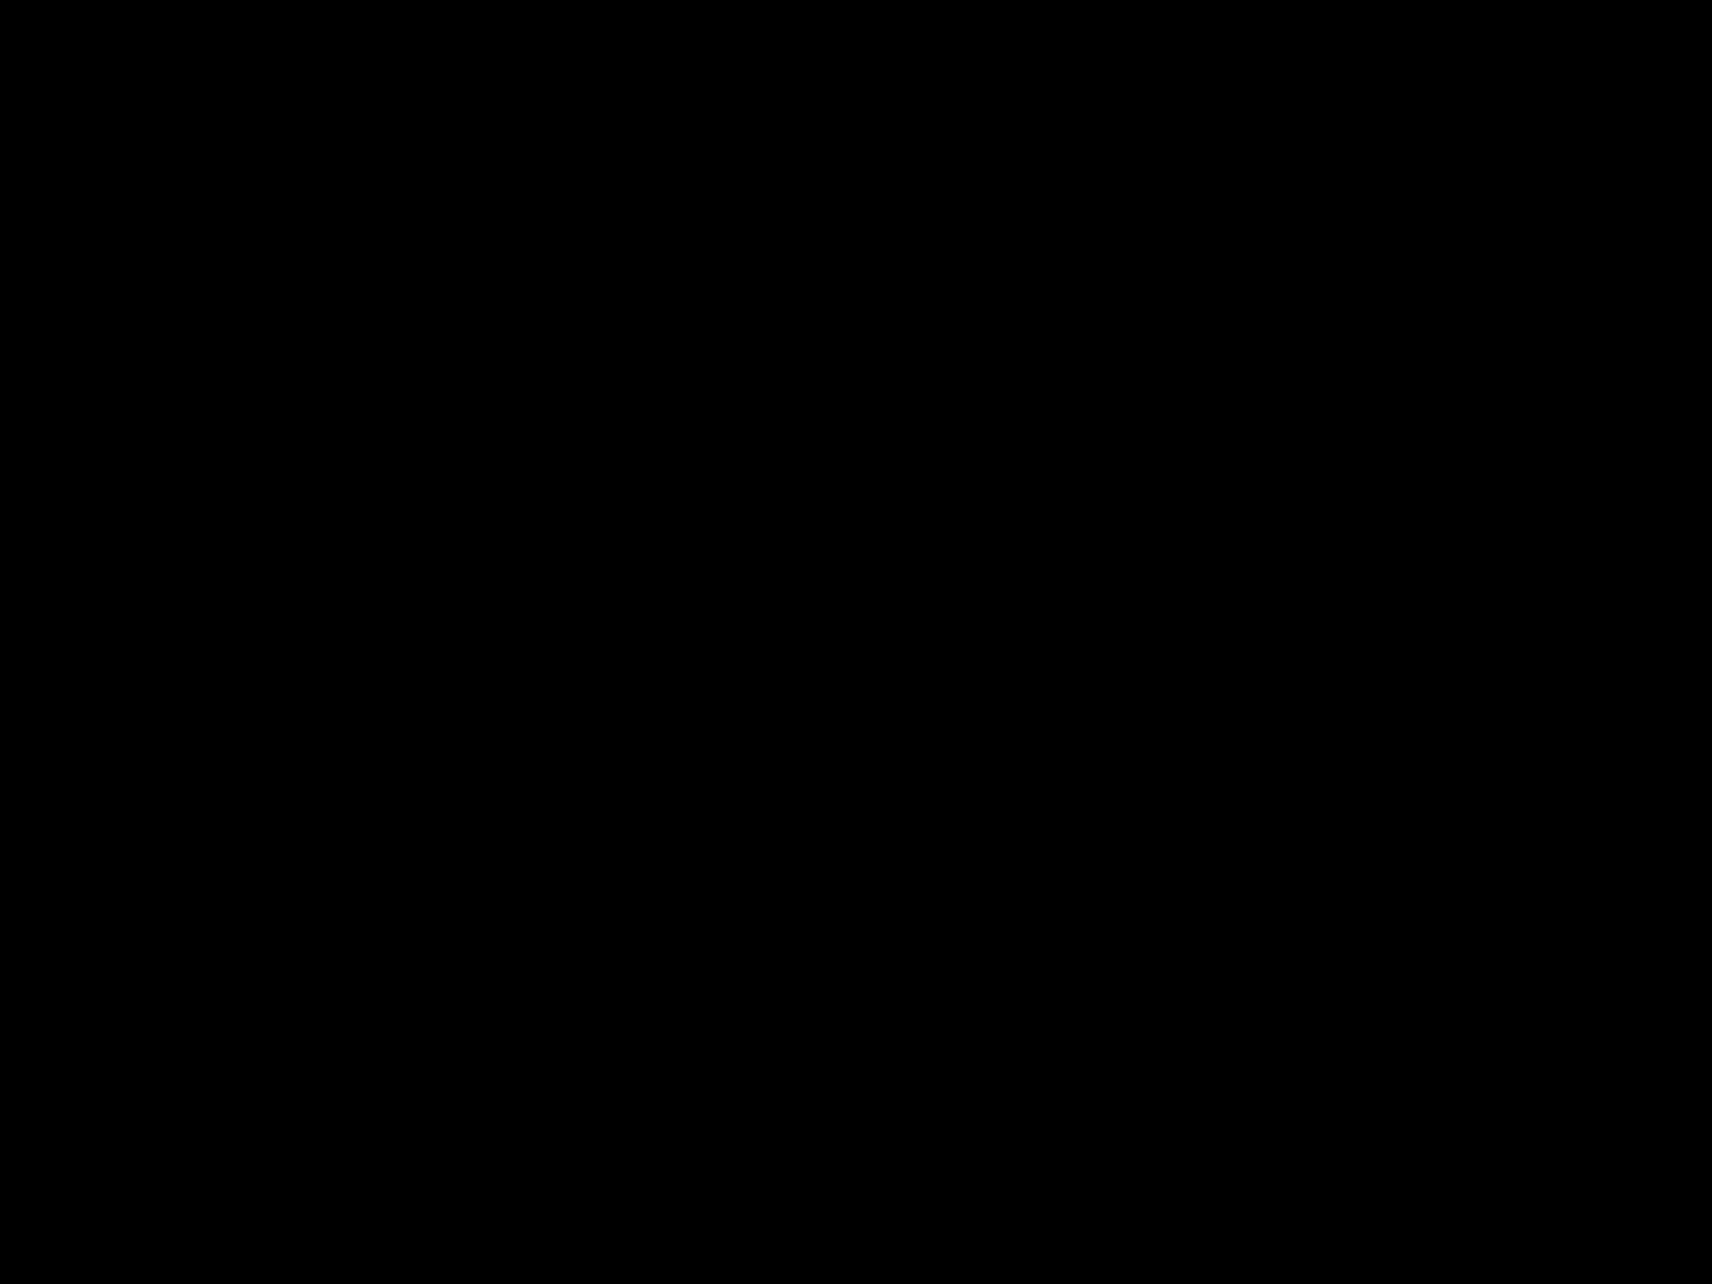 22445_01.jpg